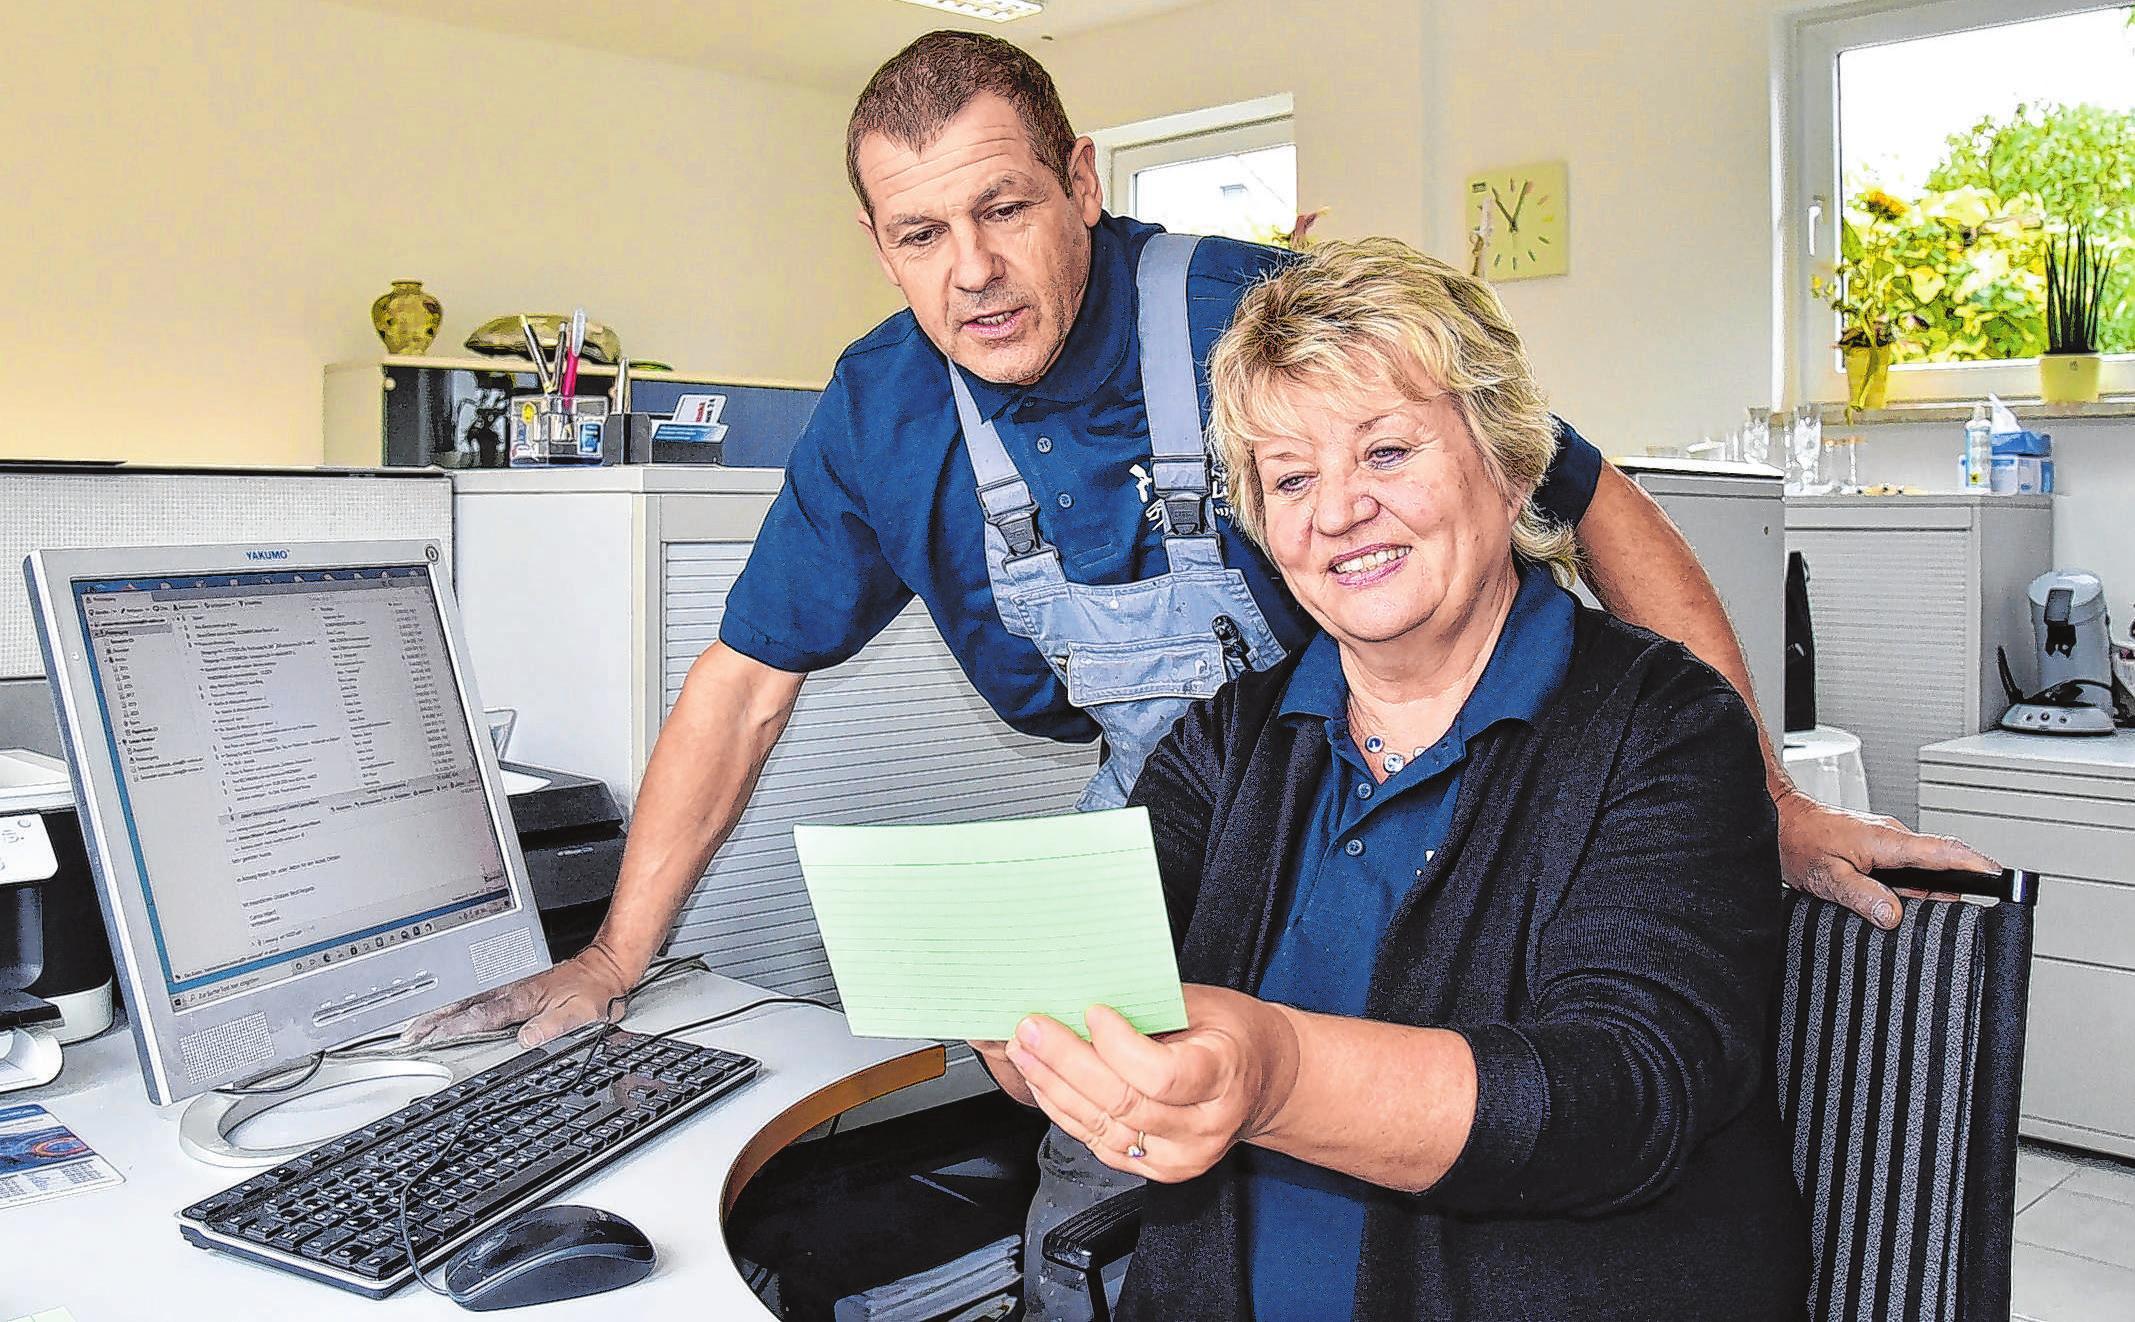 Im Büro laufen alle Fäden zusammen, von der Auftragsannahme bis hin zur Rechnungslegung besprechen Firmenchef Lutz-Mario Ludwig und Ehefrau Petra jeden Morgen die Arbeit des Tages.